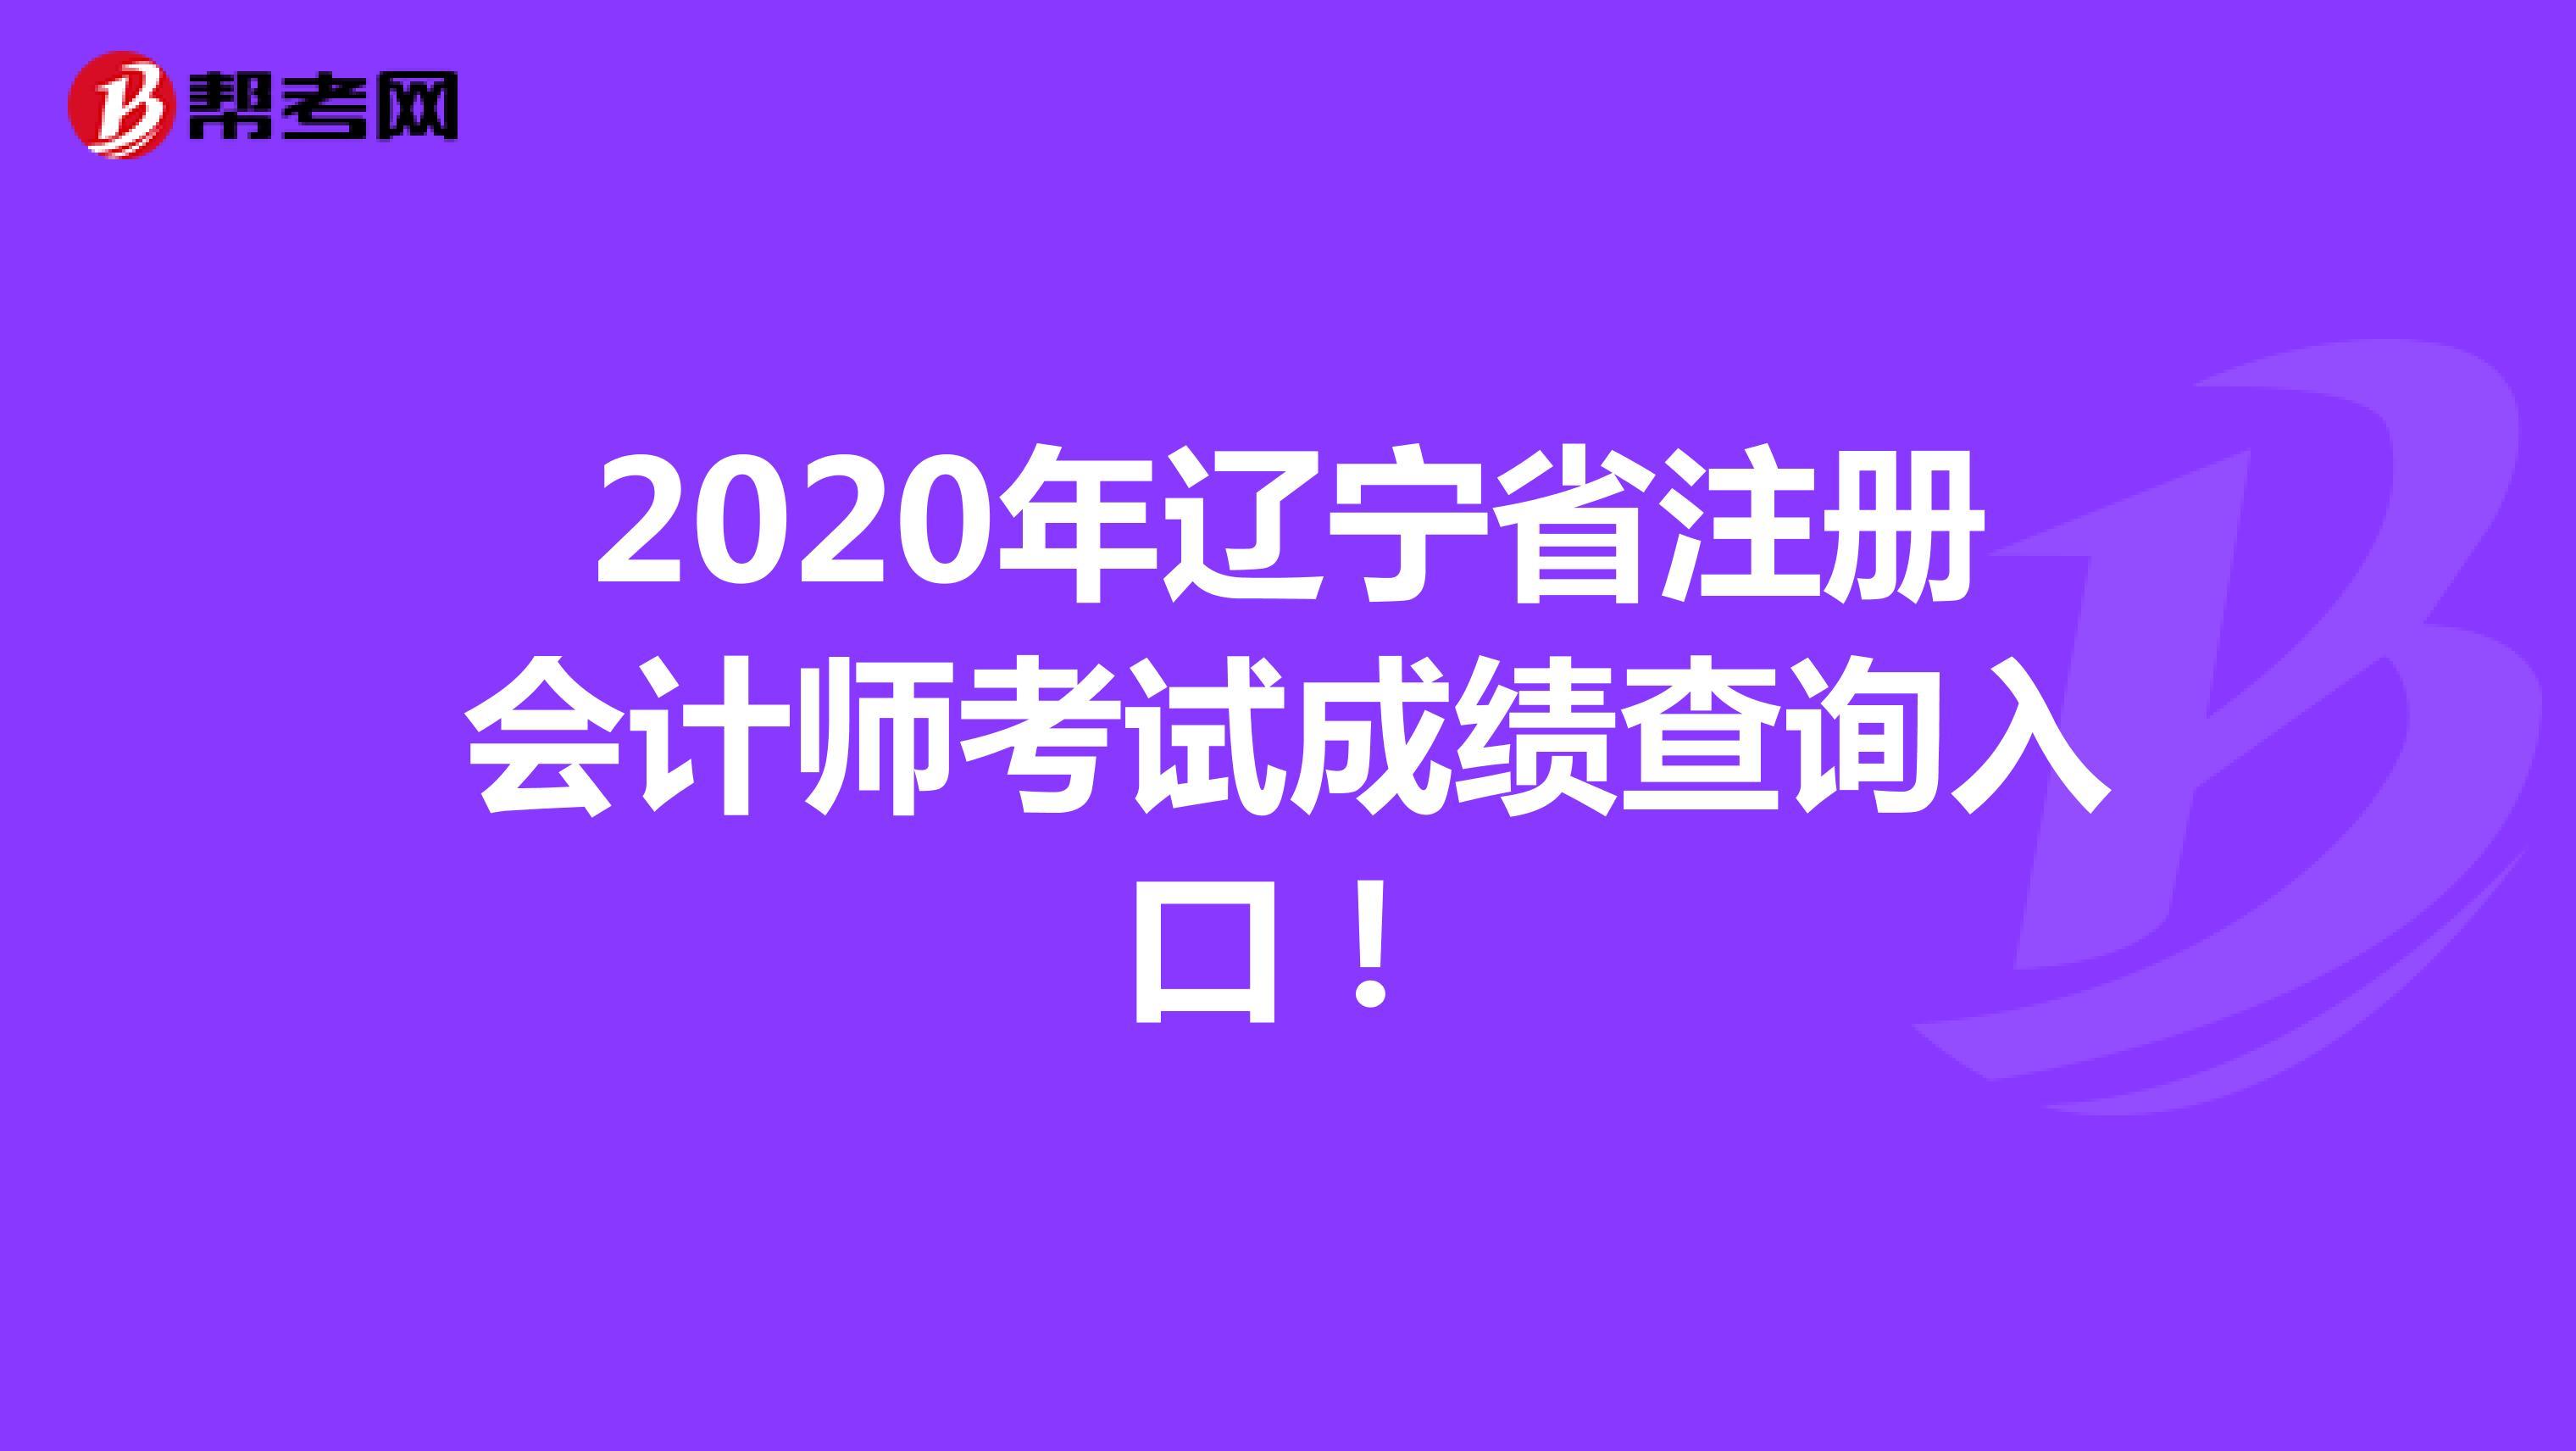 2020年遼寧省注冊會計師考試成績查詢入口!